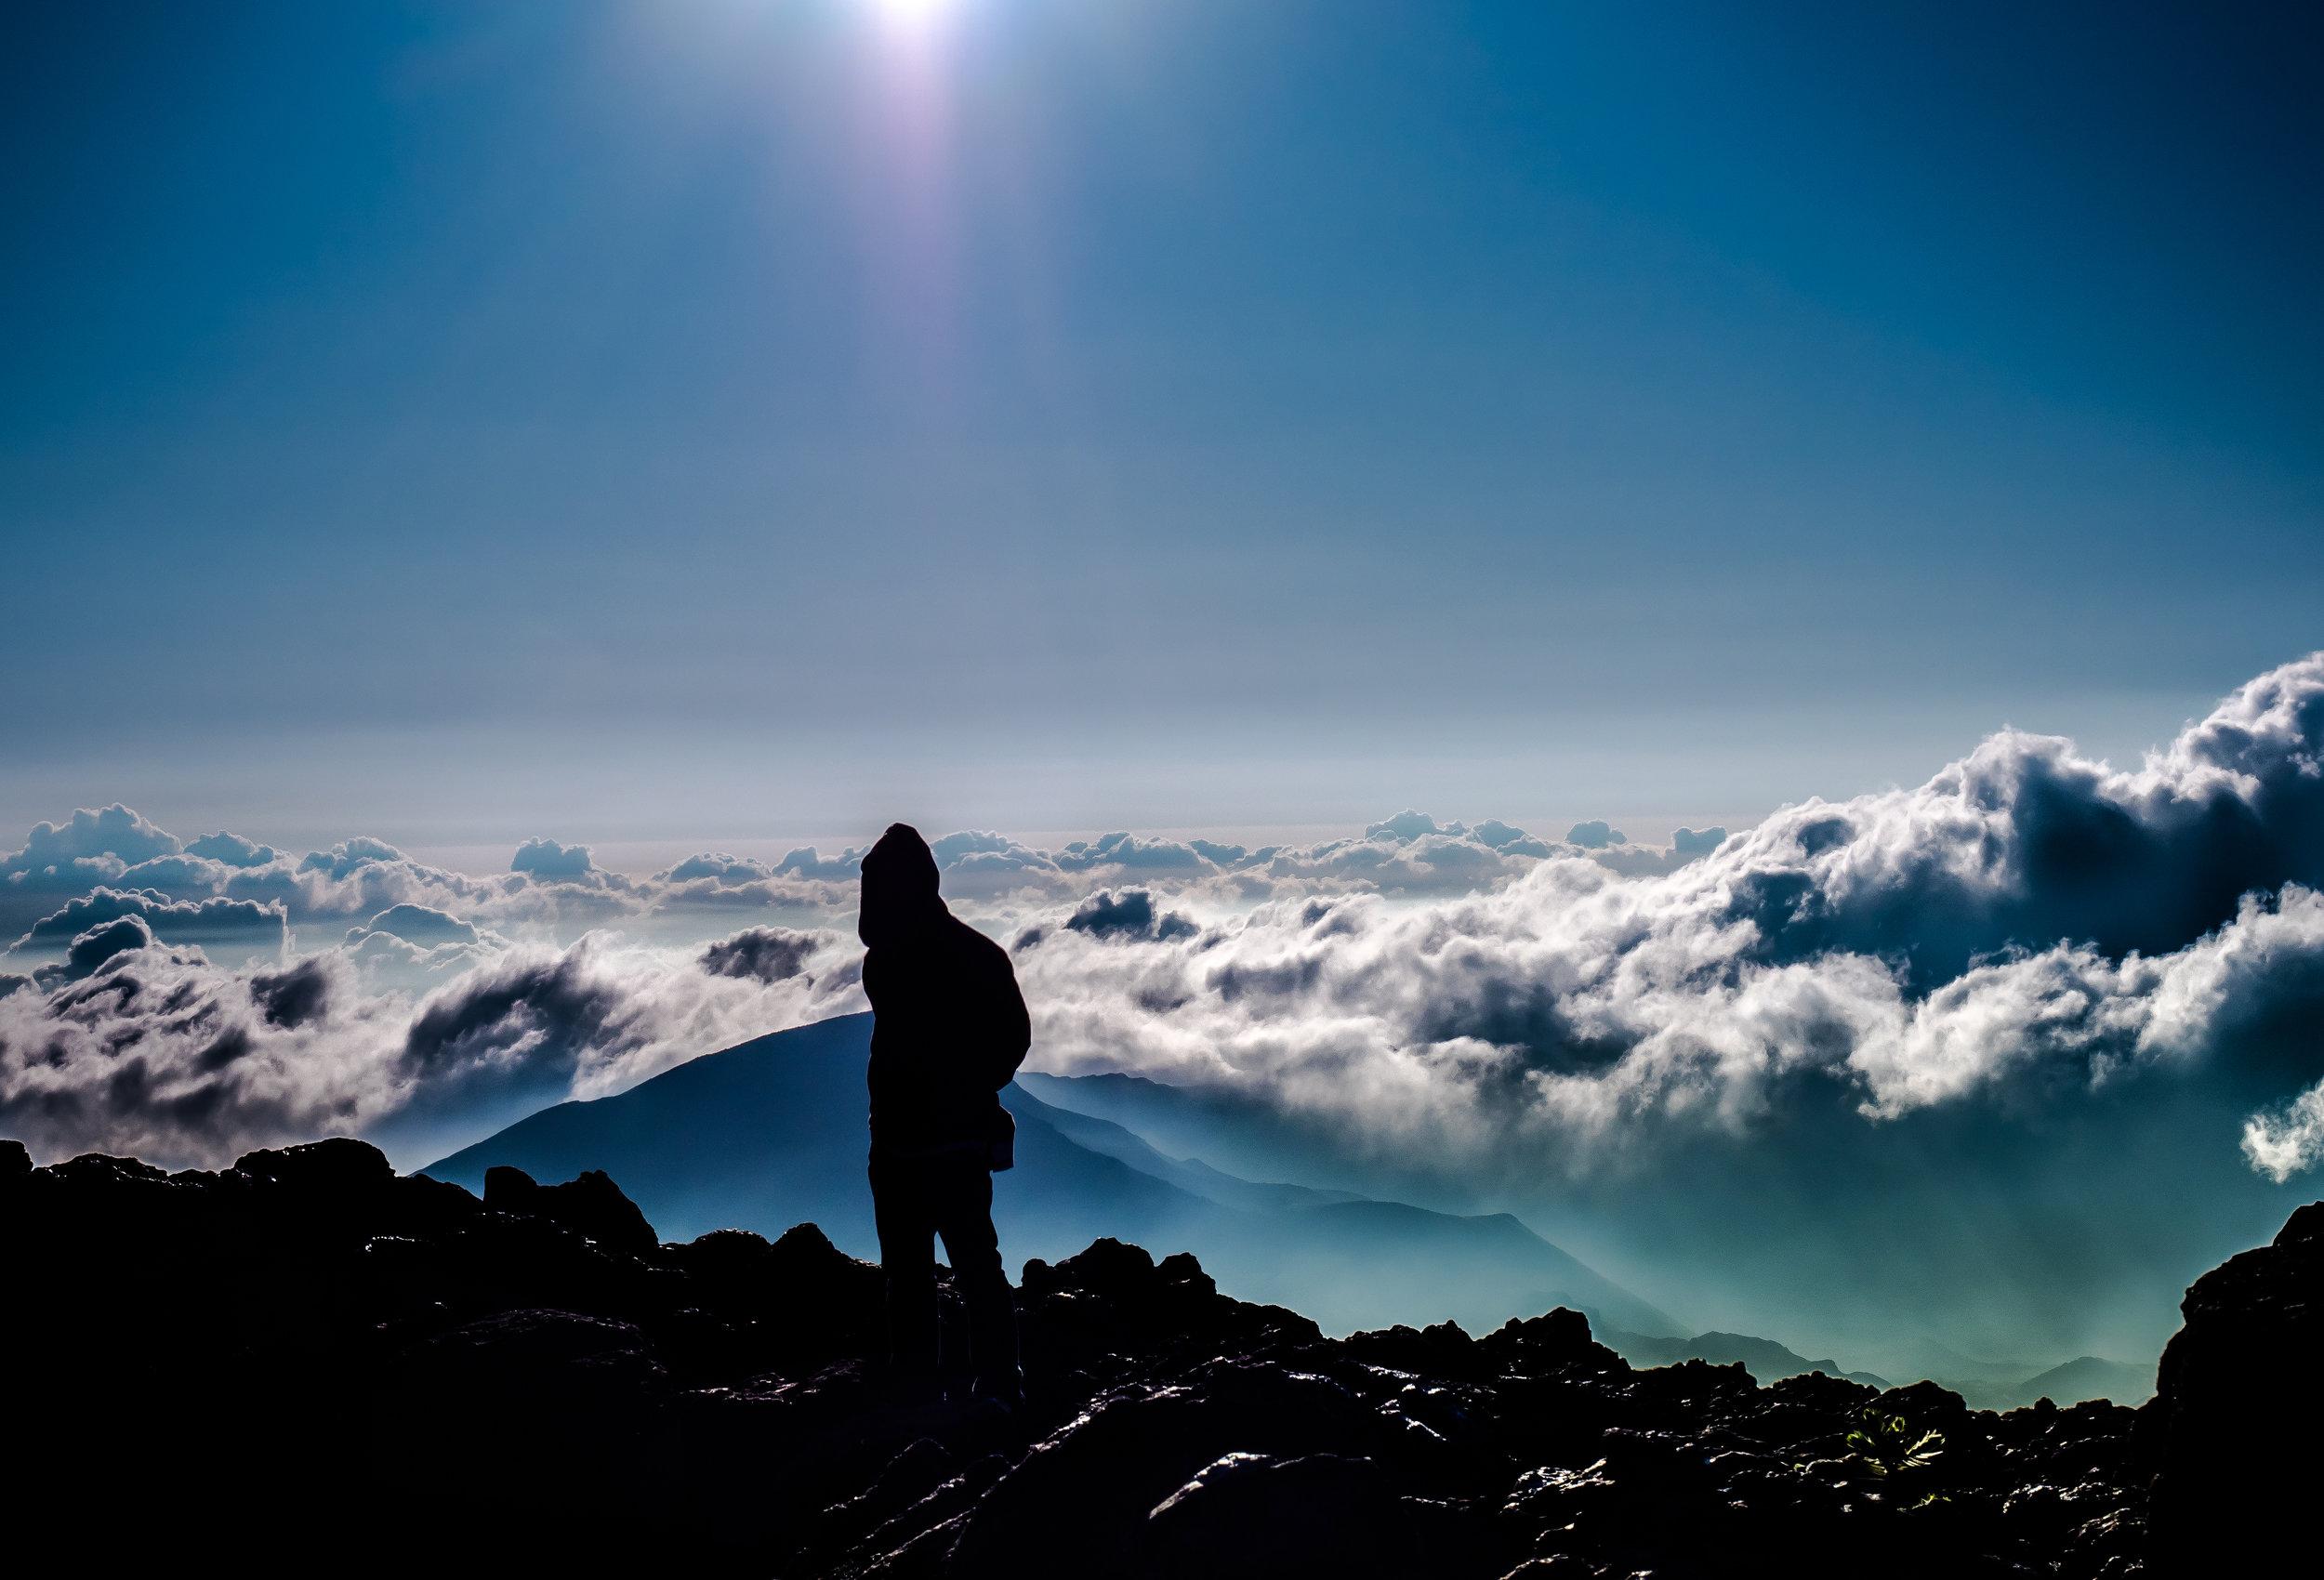 Hiker on Haleakala Summit Maui Hawaii - Seth T. Buckley